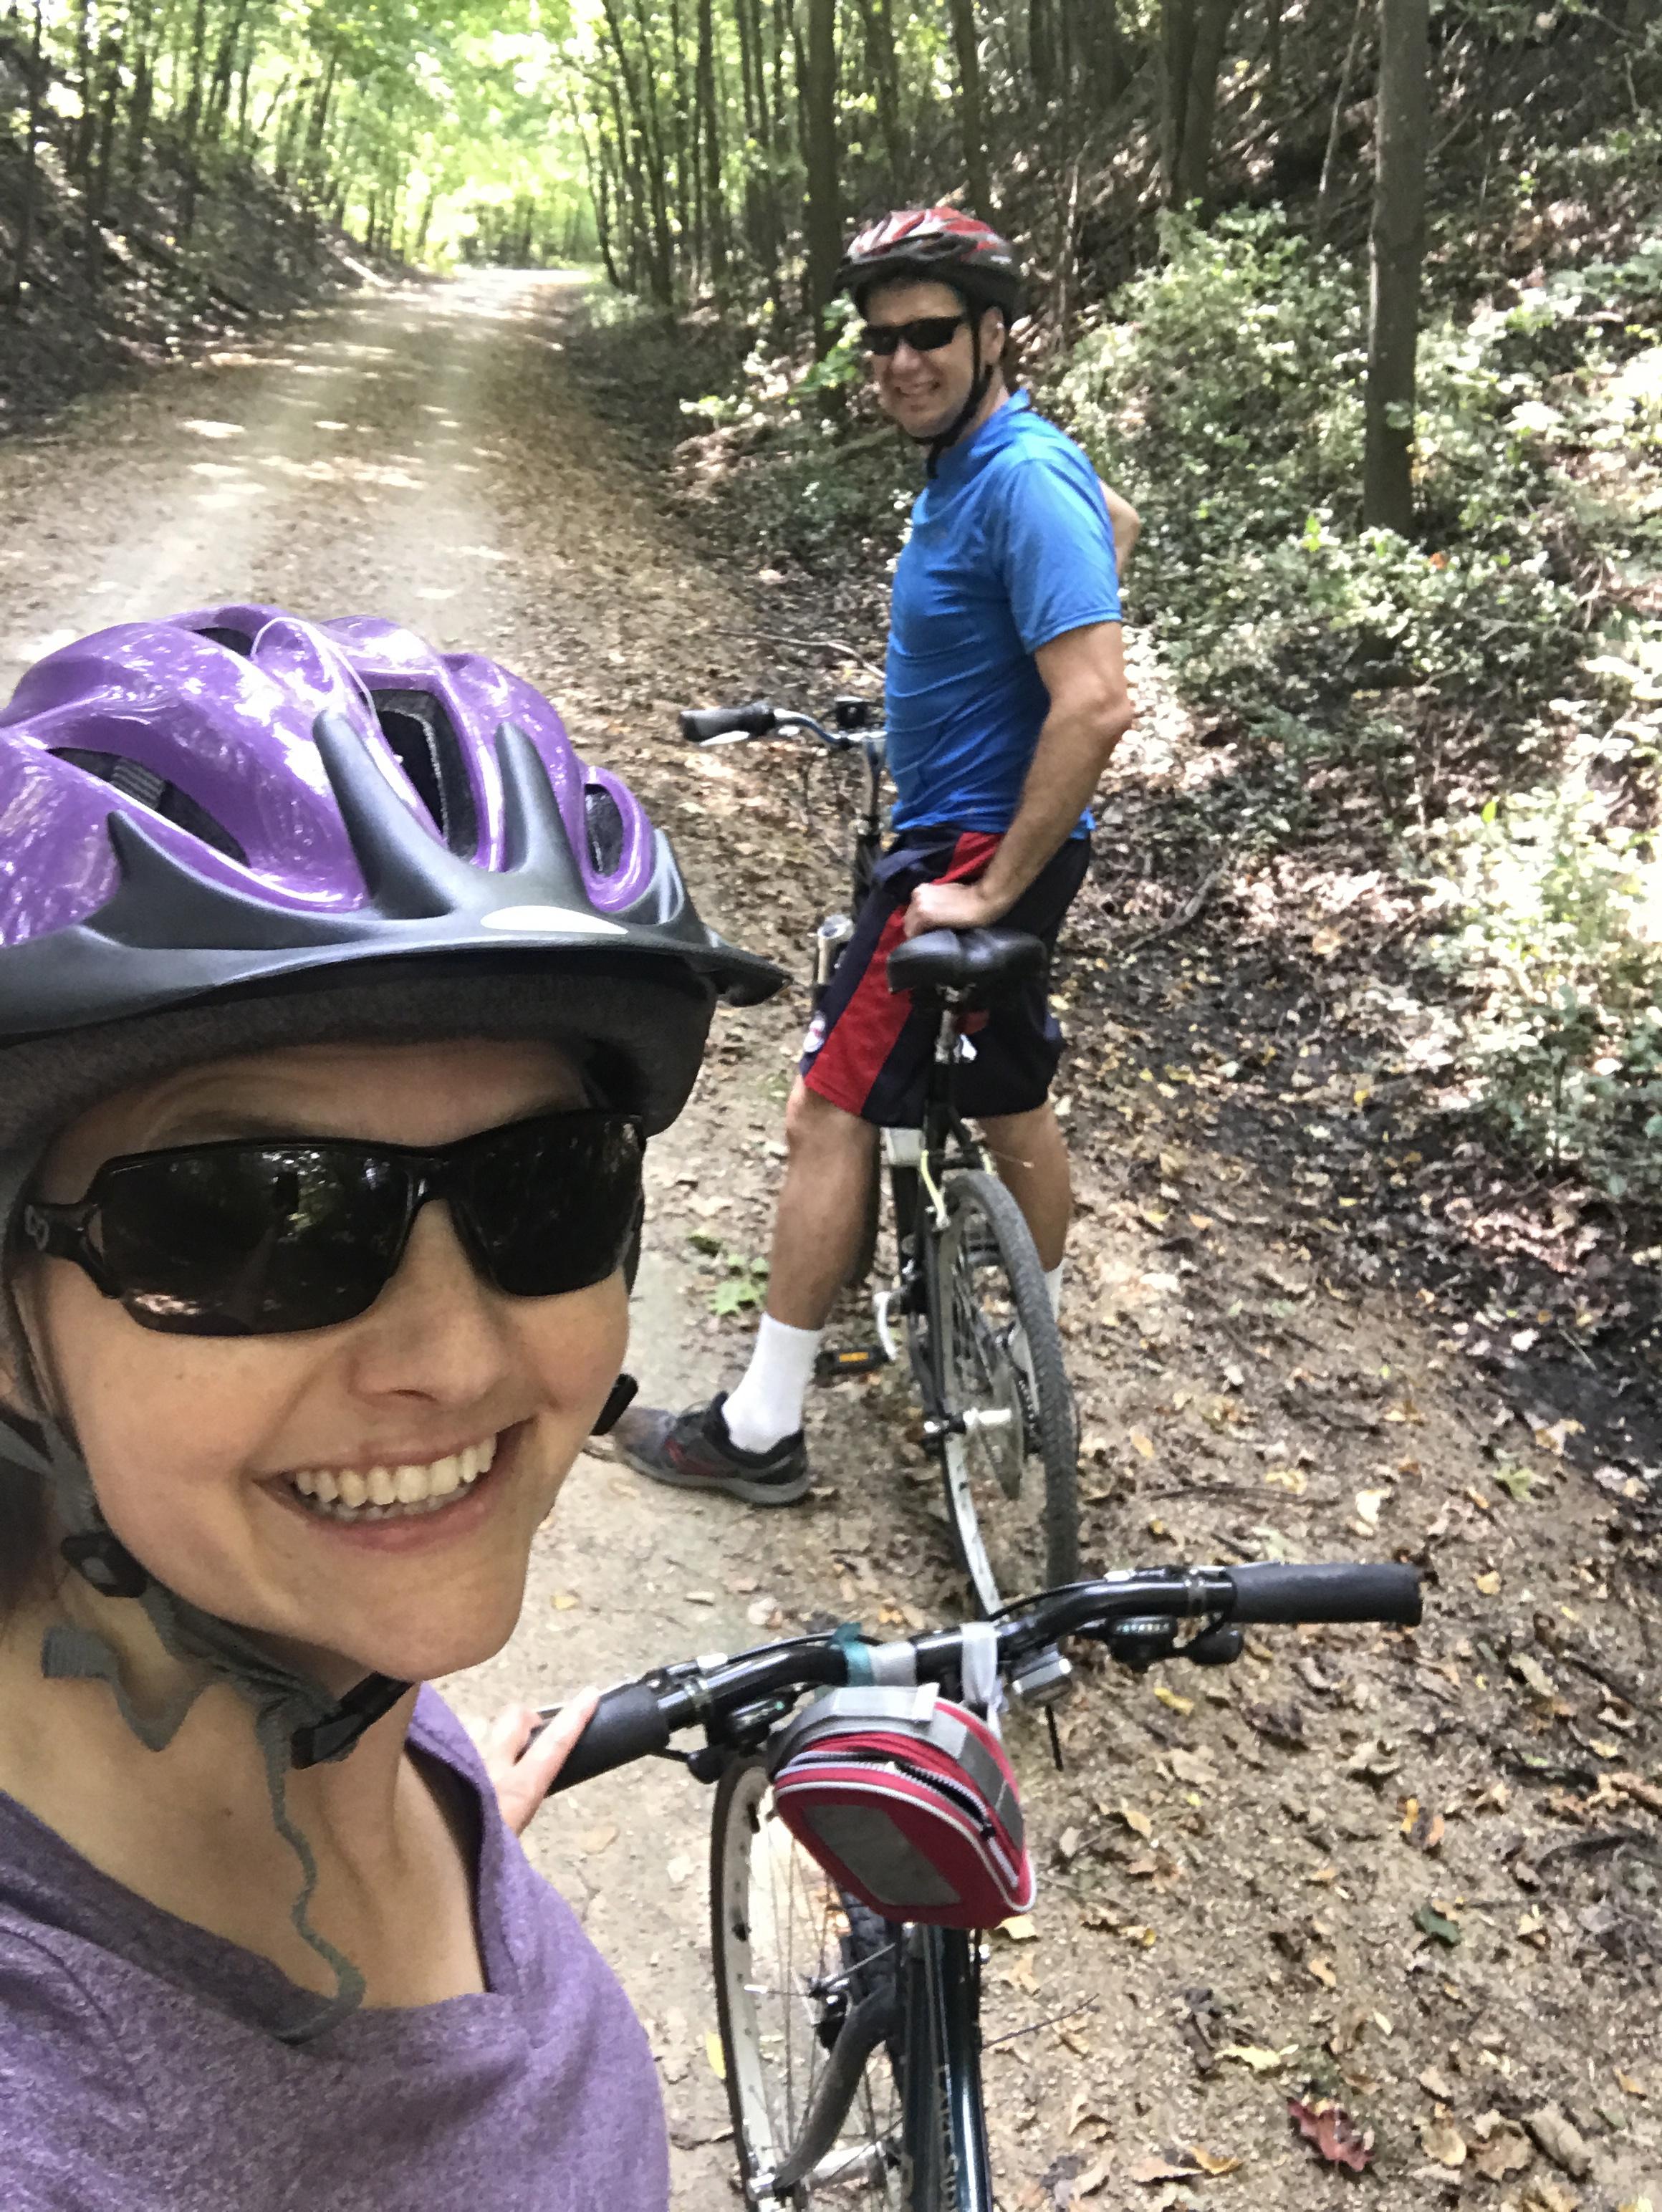 Biking near our home